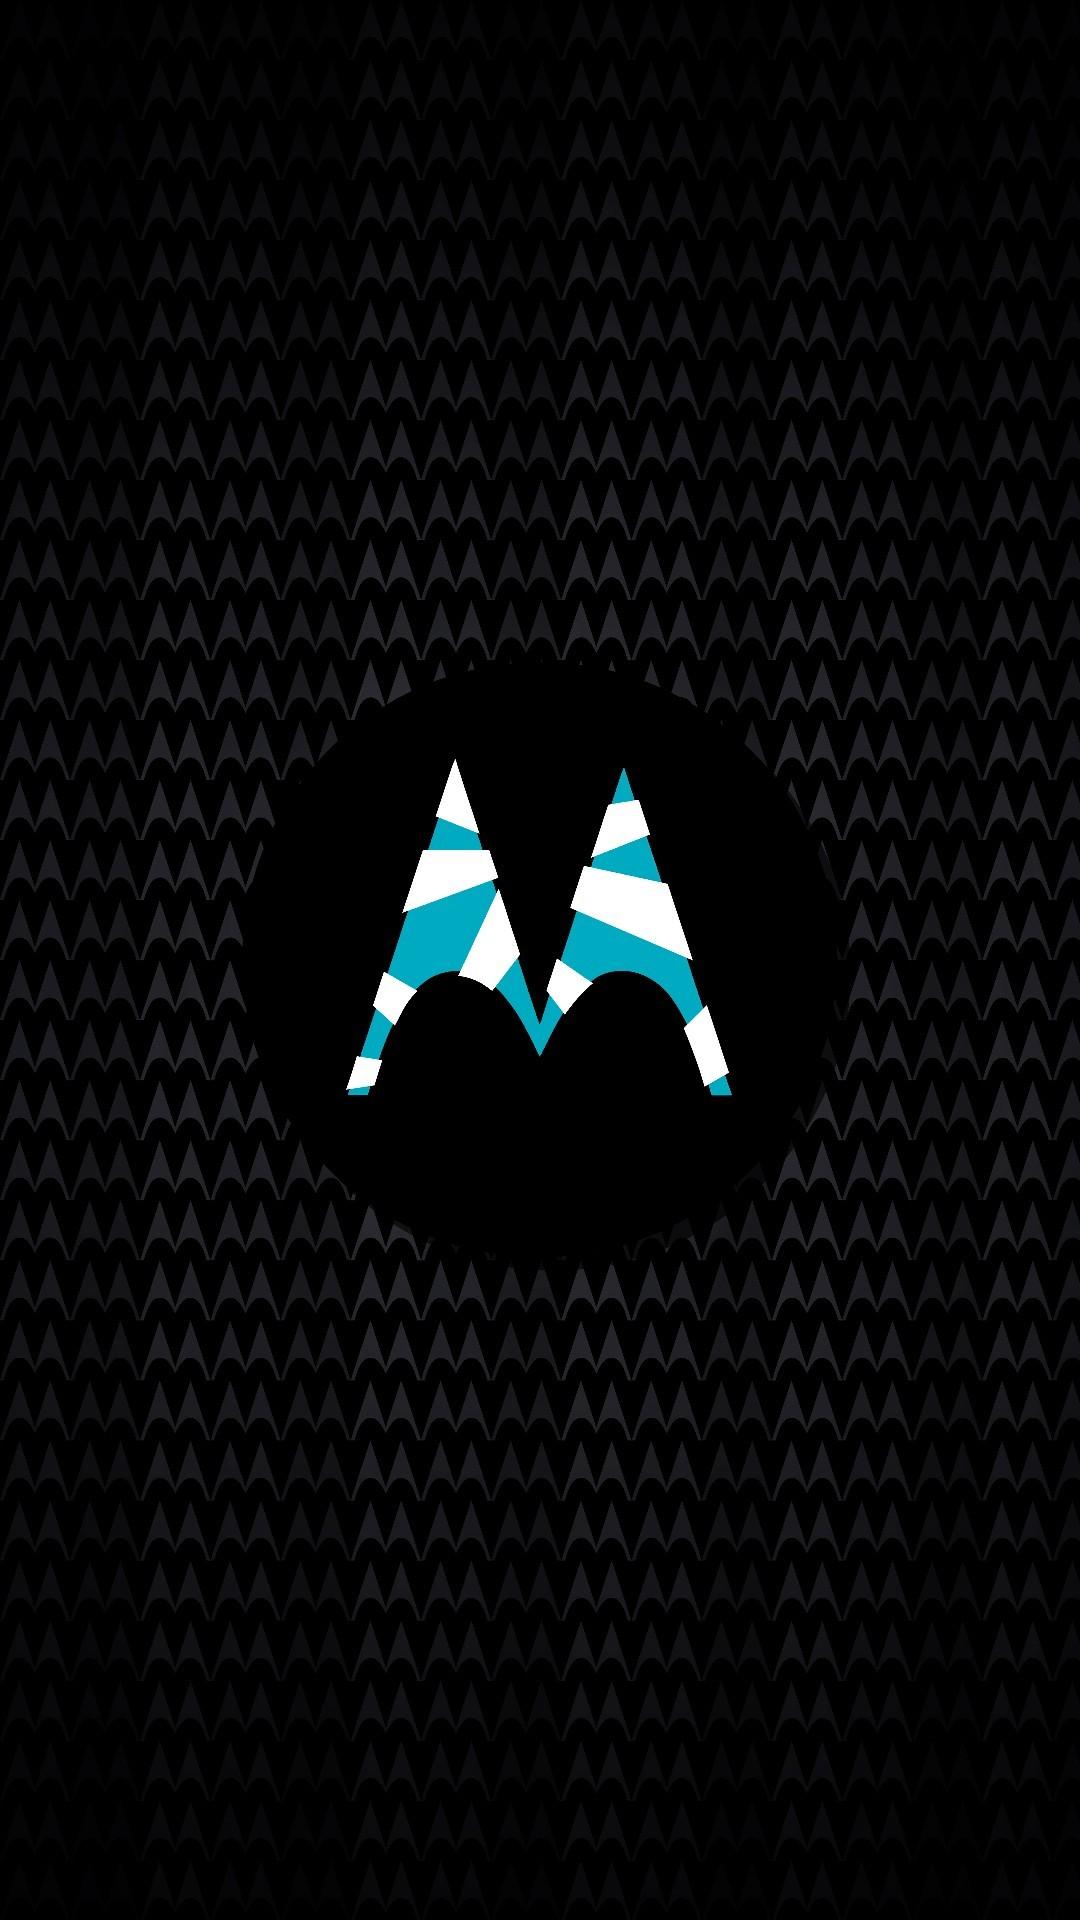 1080x1920 Motorola Wallpapers Minimal